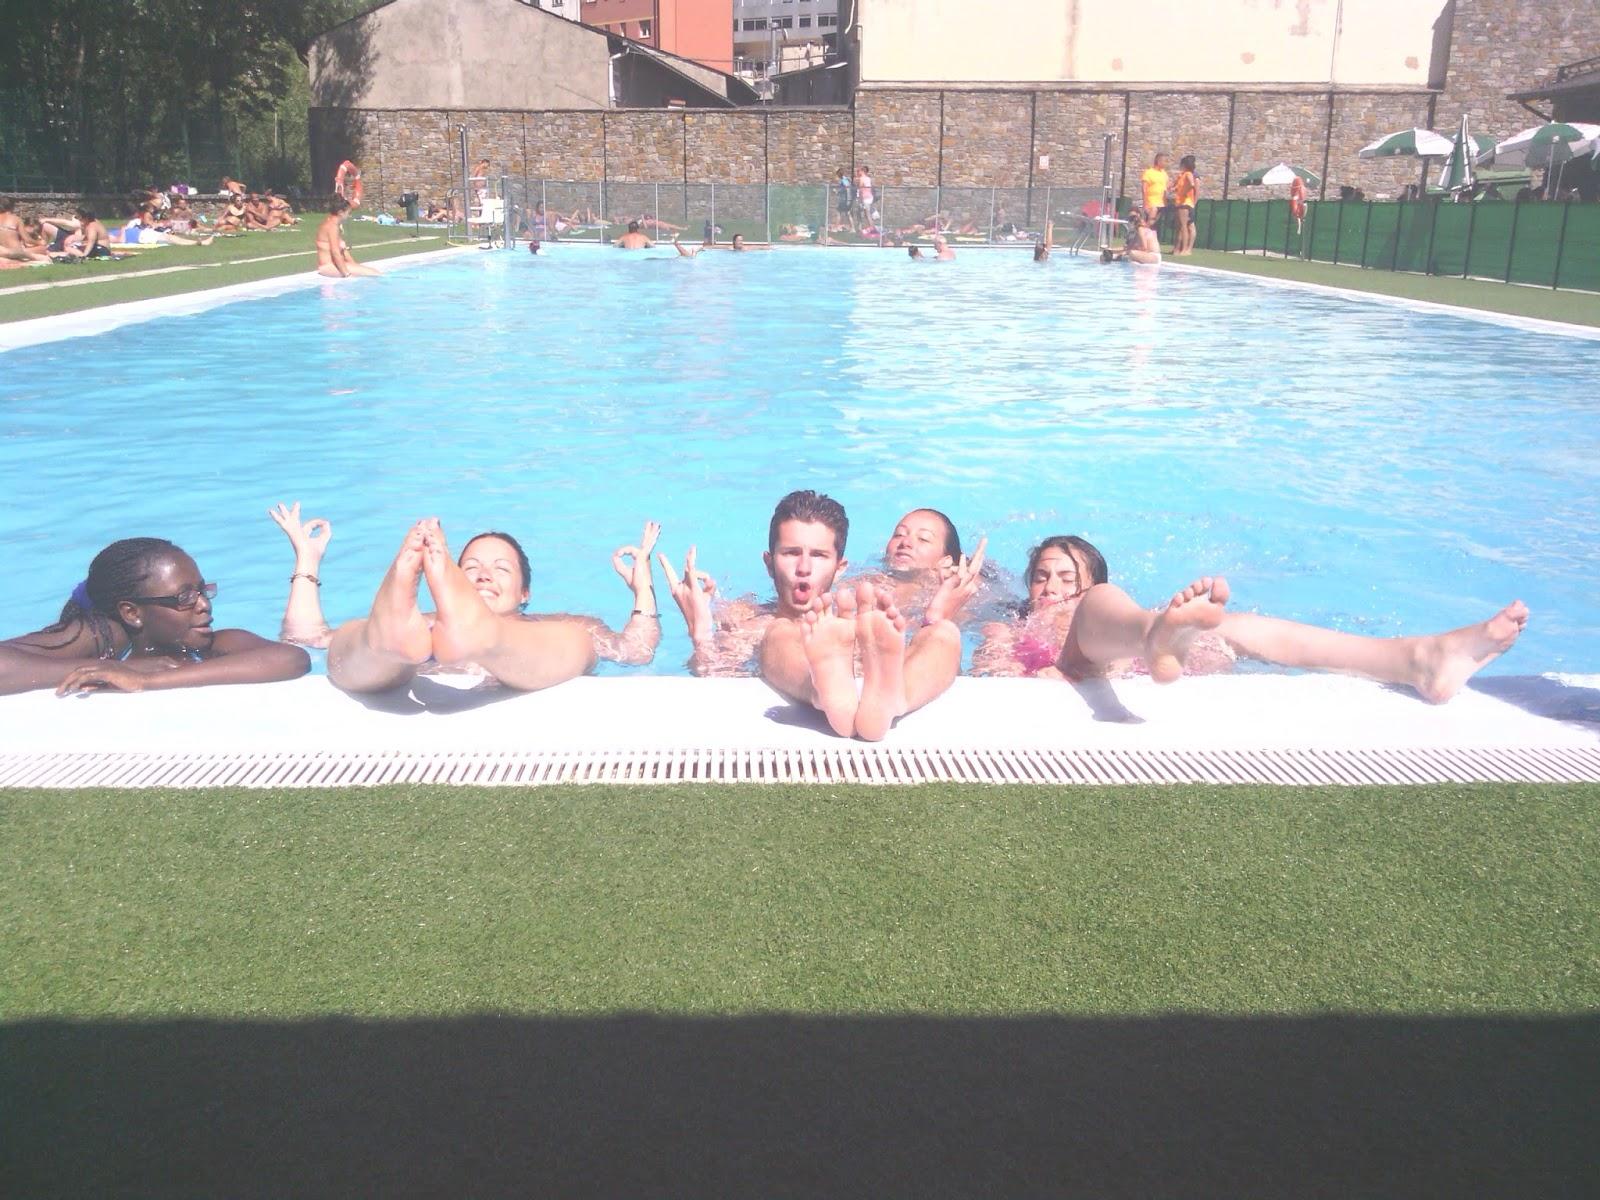 Andorre 2013 que ce passe t il la piscine for Piscine andorre caldea